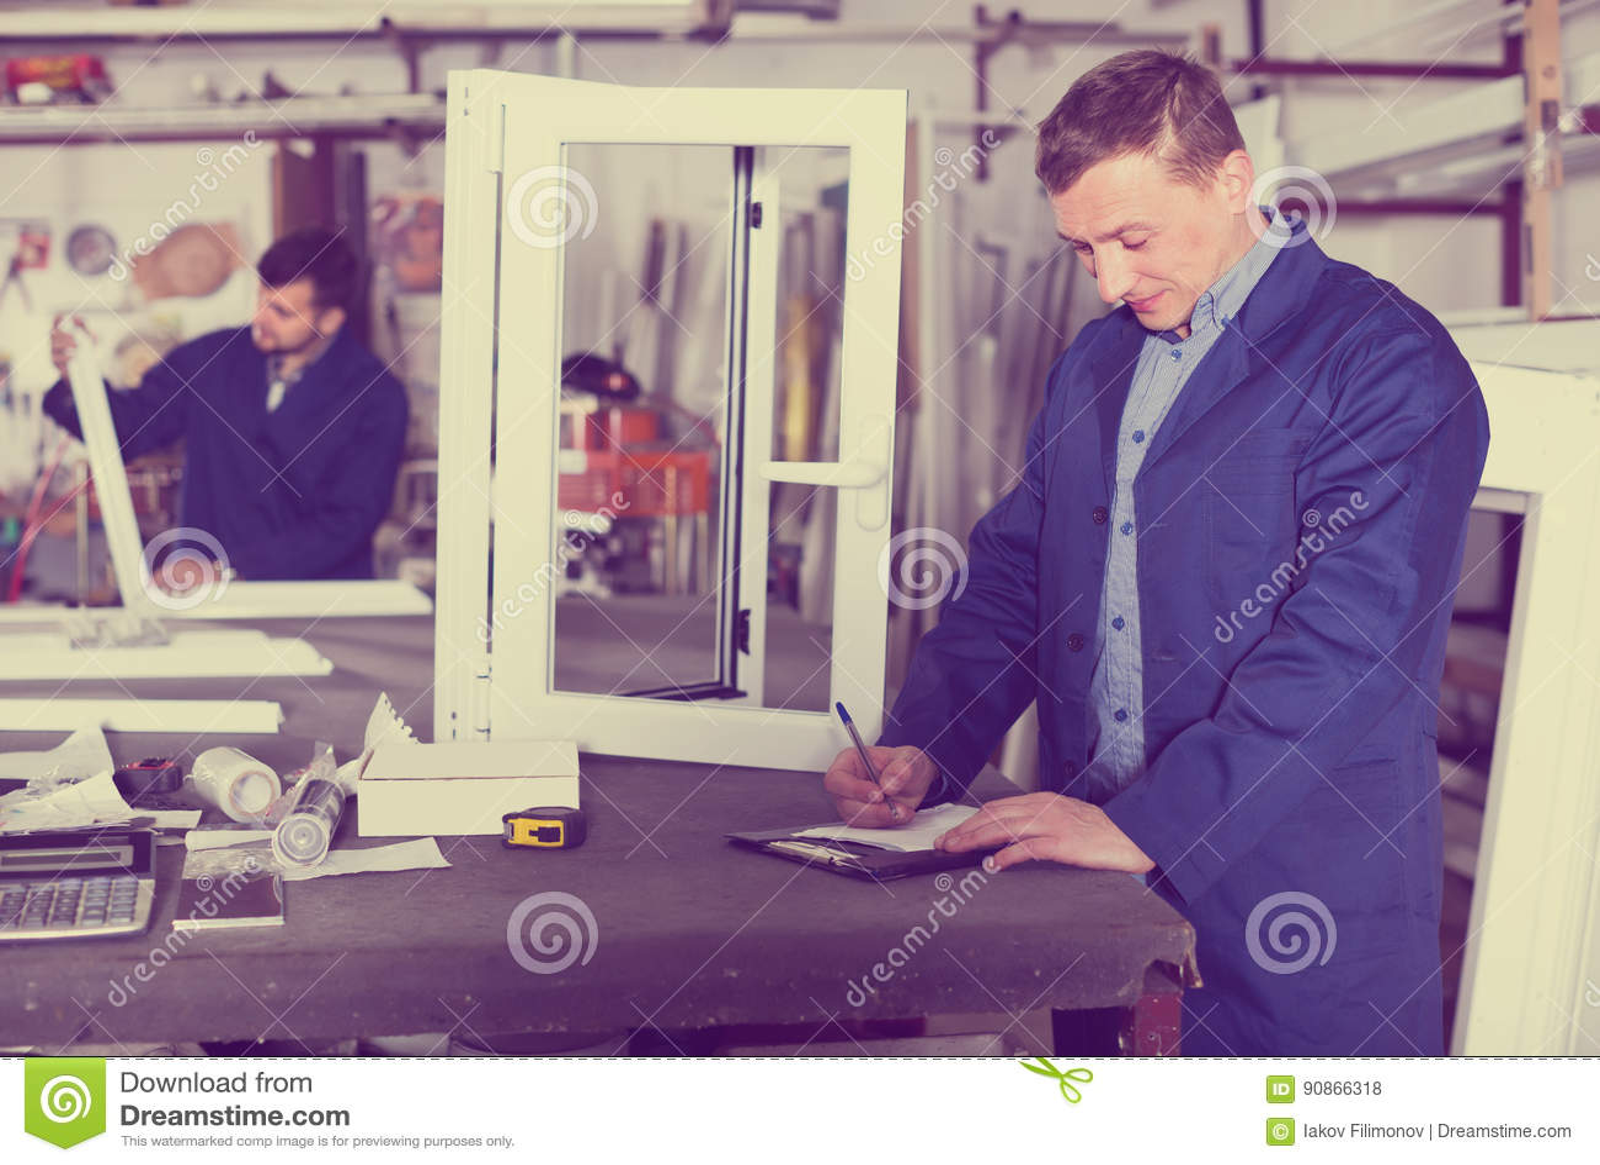 Mannelijke landmeter op middelbare leeftijd in overtrek die met documenten werken bij